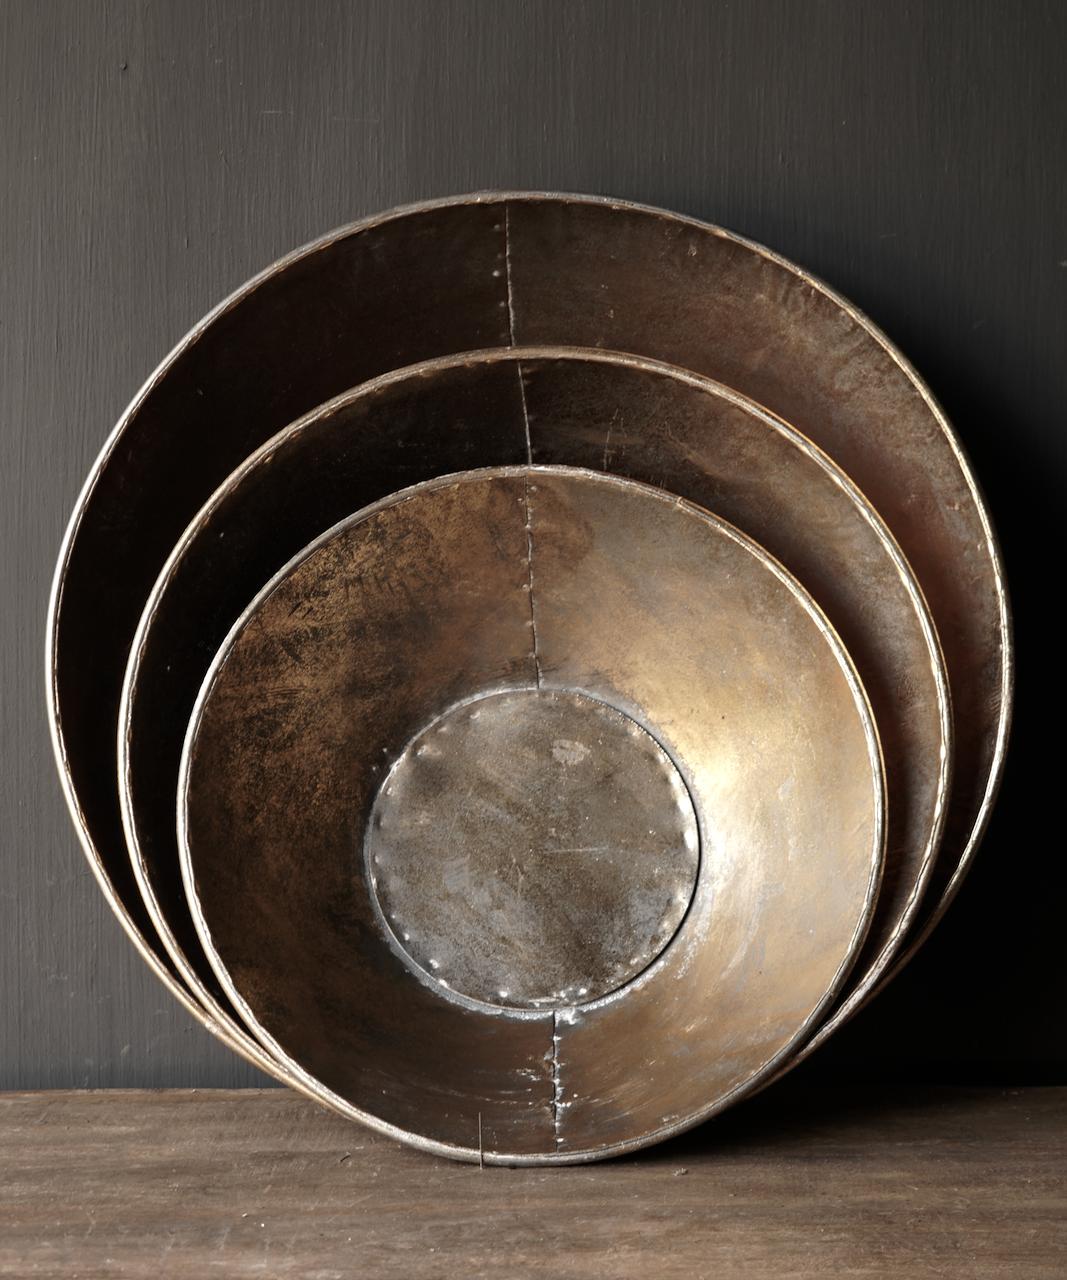 Goud/Brons metalen schalen-2